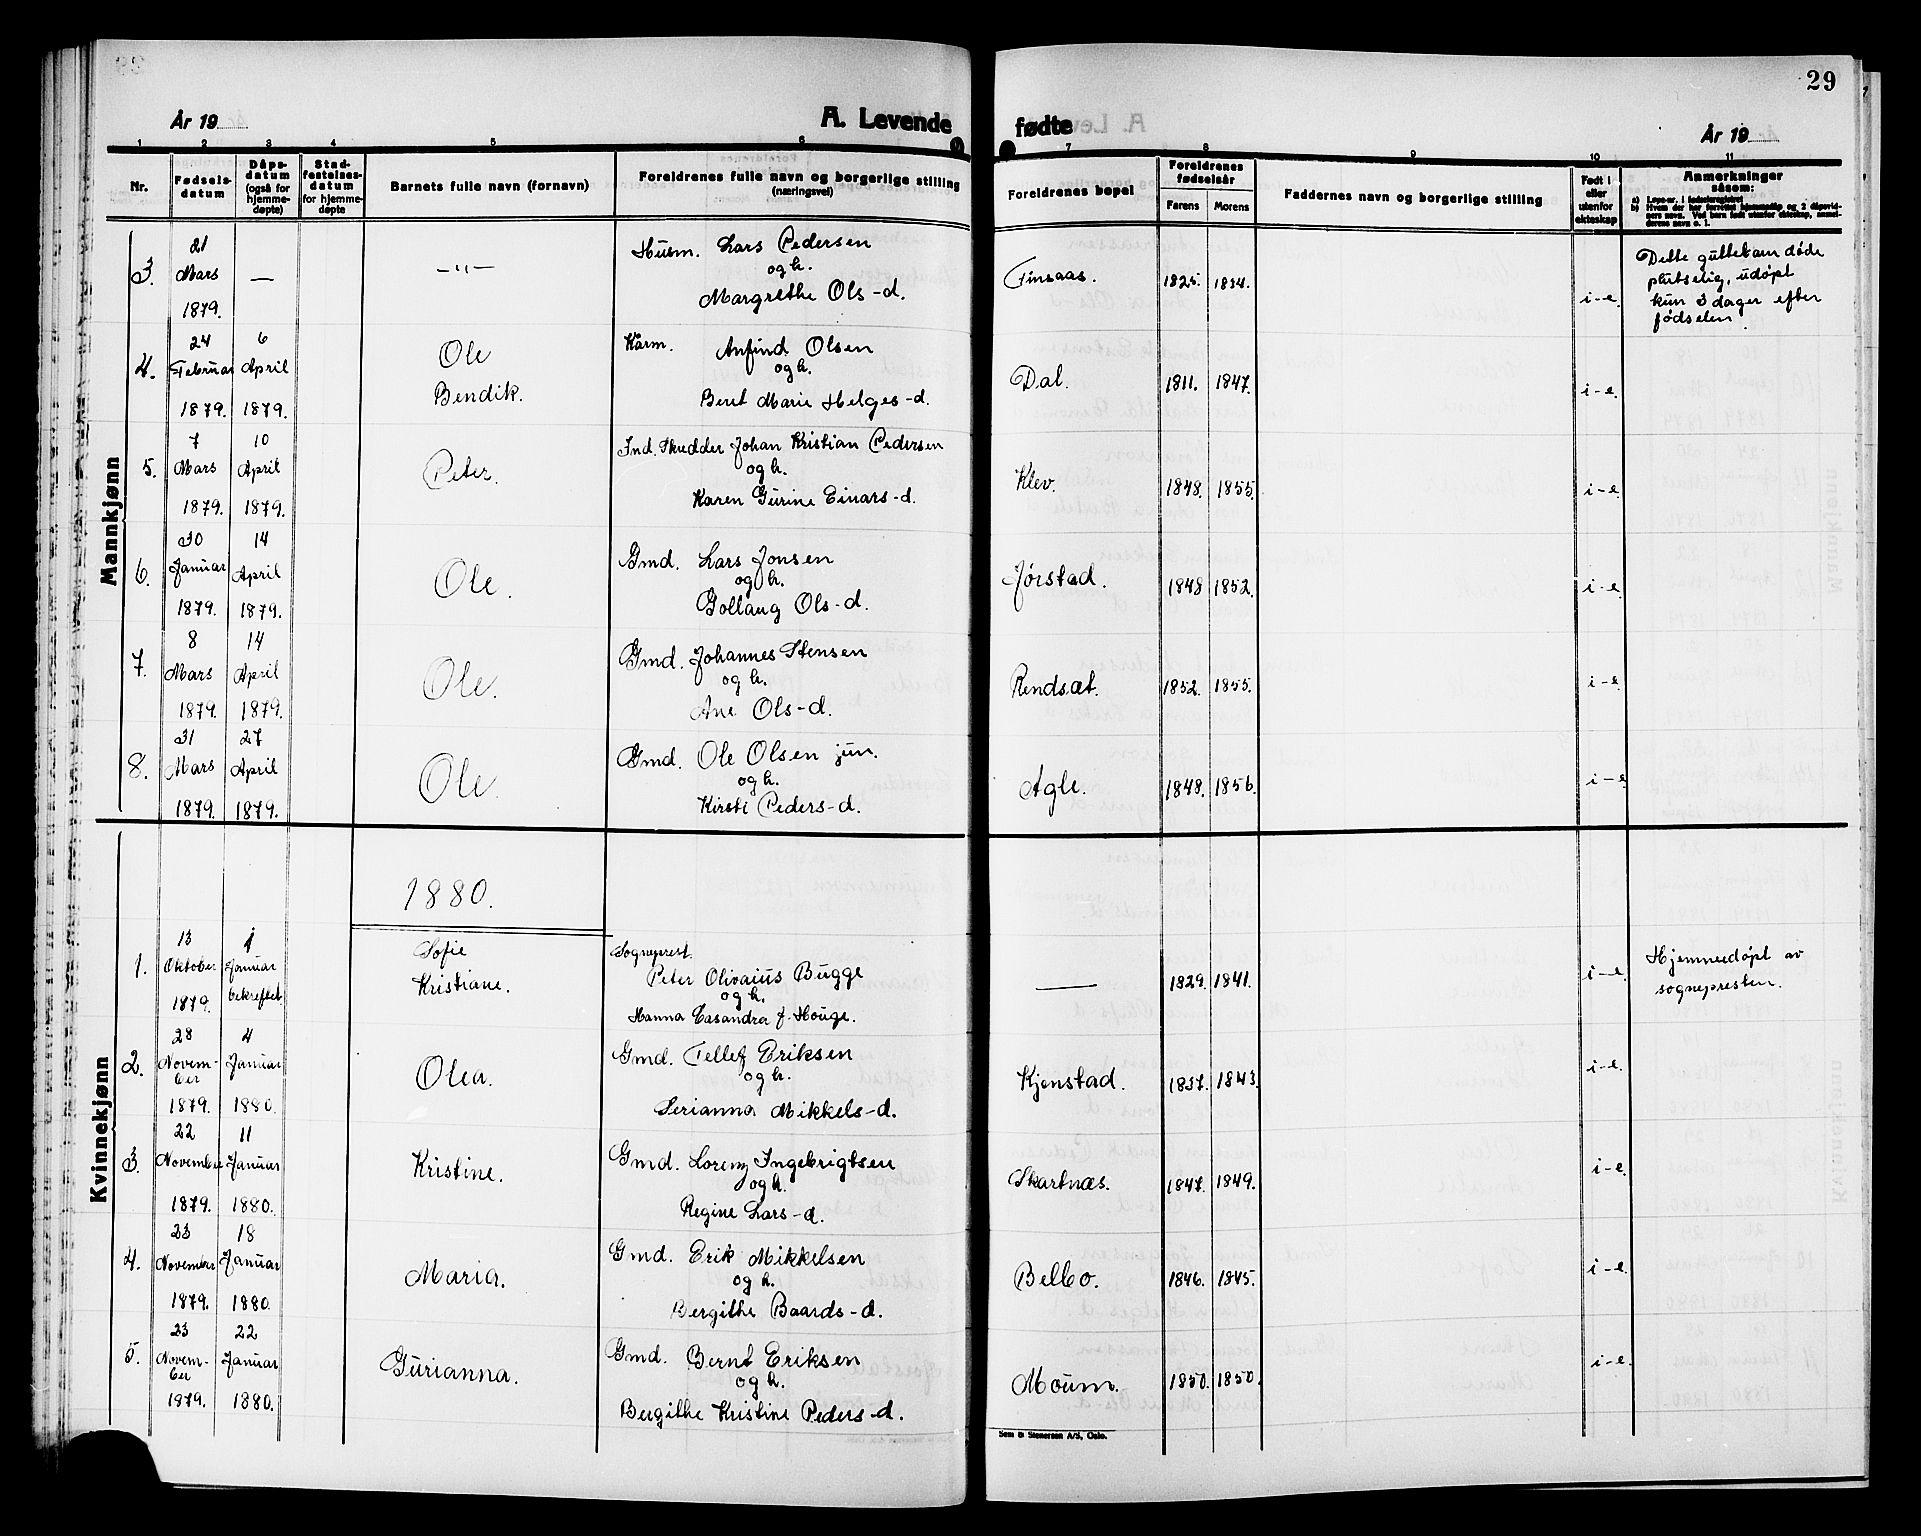 SAT, Ministerialprotokoller, klokkerbøker og fødselsregistre - Nord-Trøndelag, 749/L0486: Ministerialbok nr. 749D02, 1873-1887, s. 29